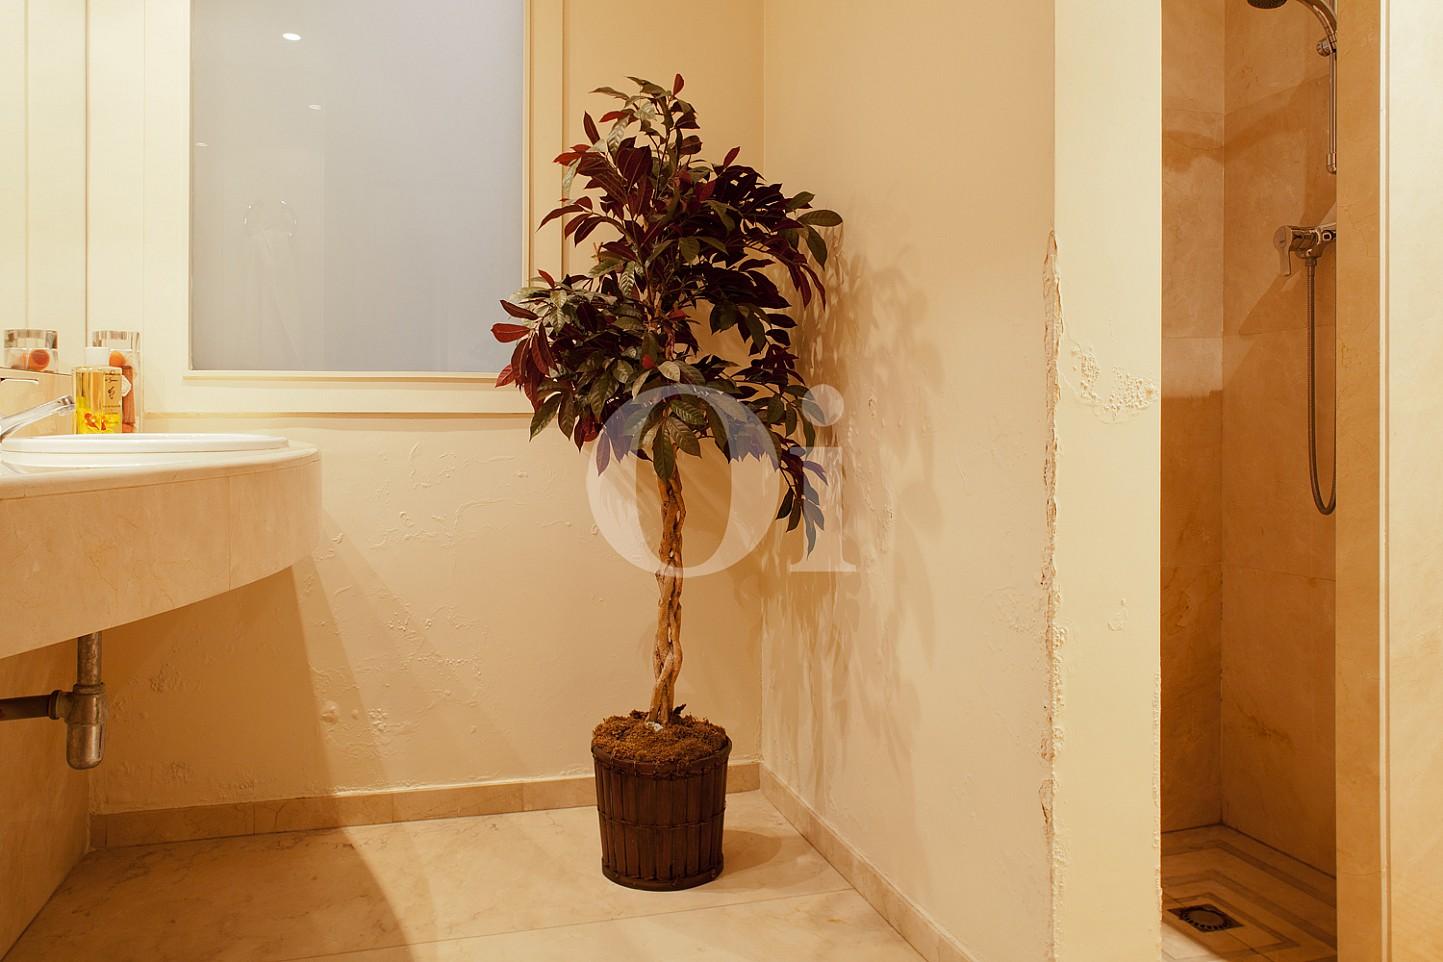 Badezimmer  einer Wohnung zum Verkauf im Viertel Eixample Derecho Barcelonas